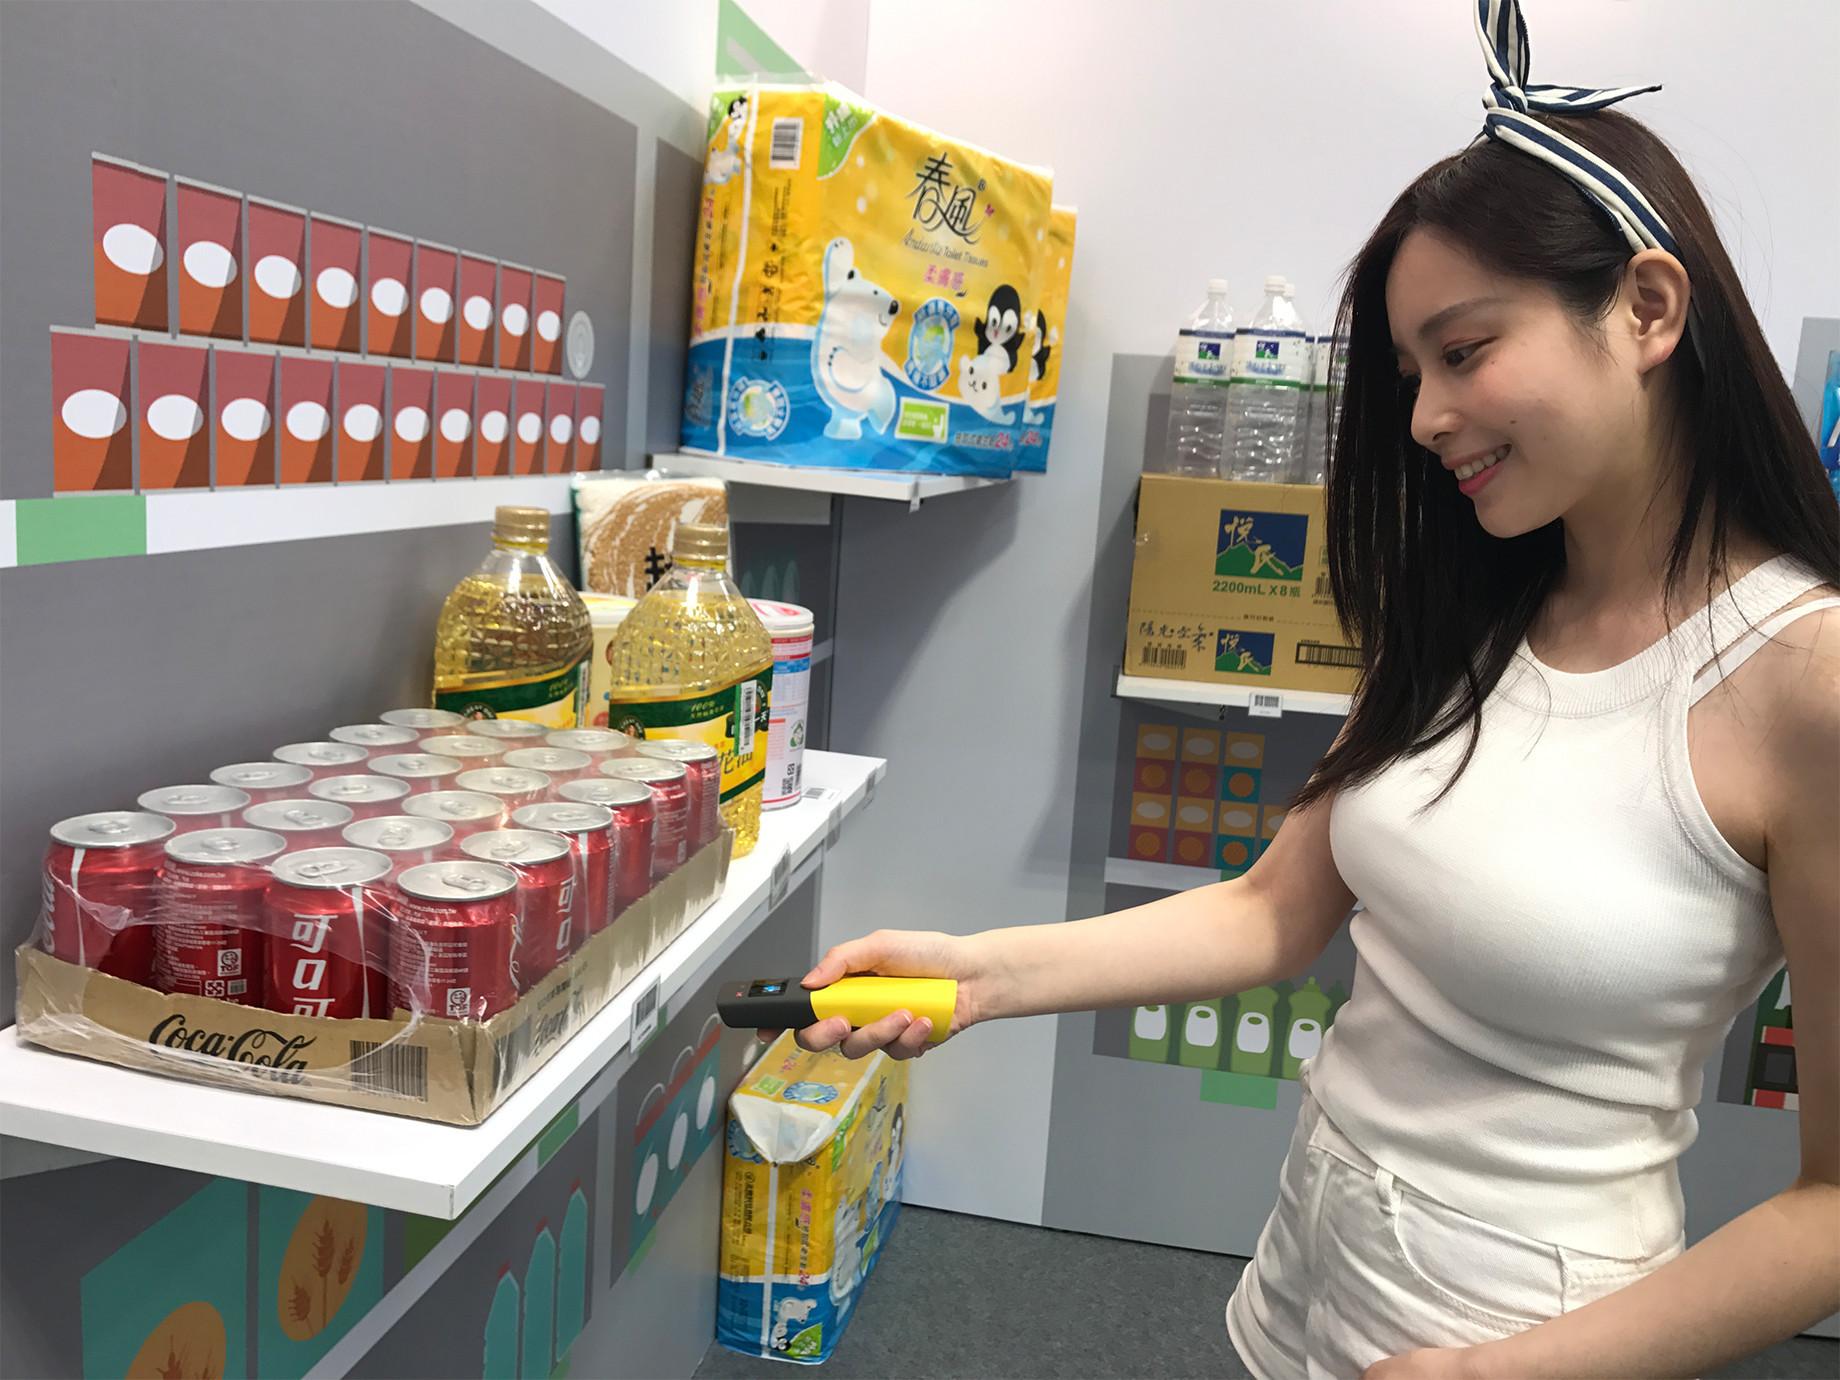 未來商務展》新世代商店,用最簡單的方式做到客戶體驗